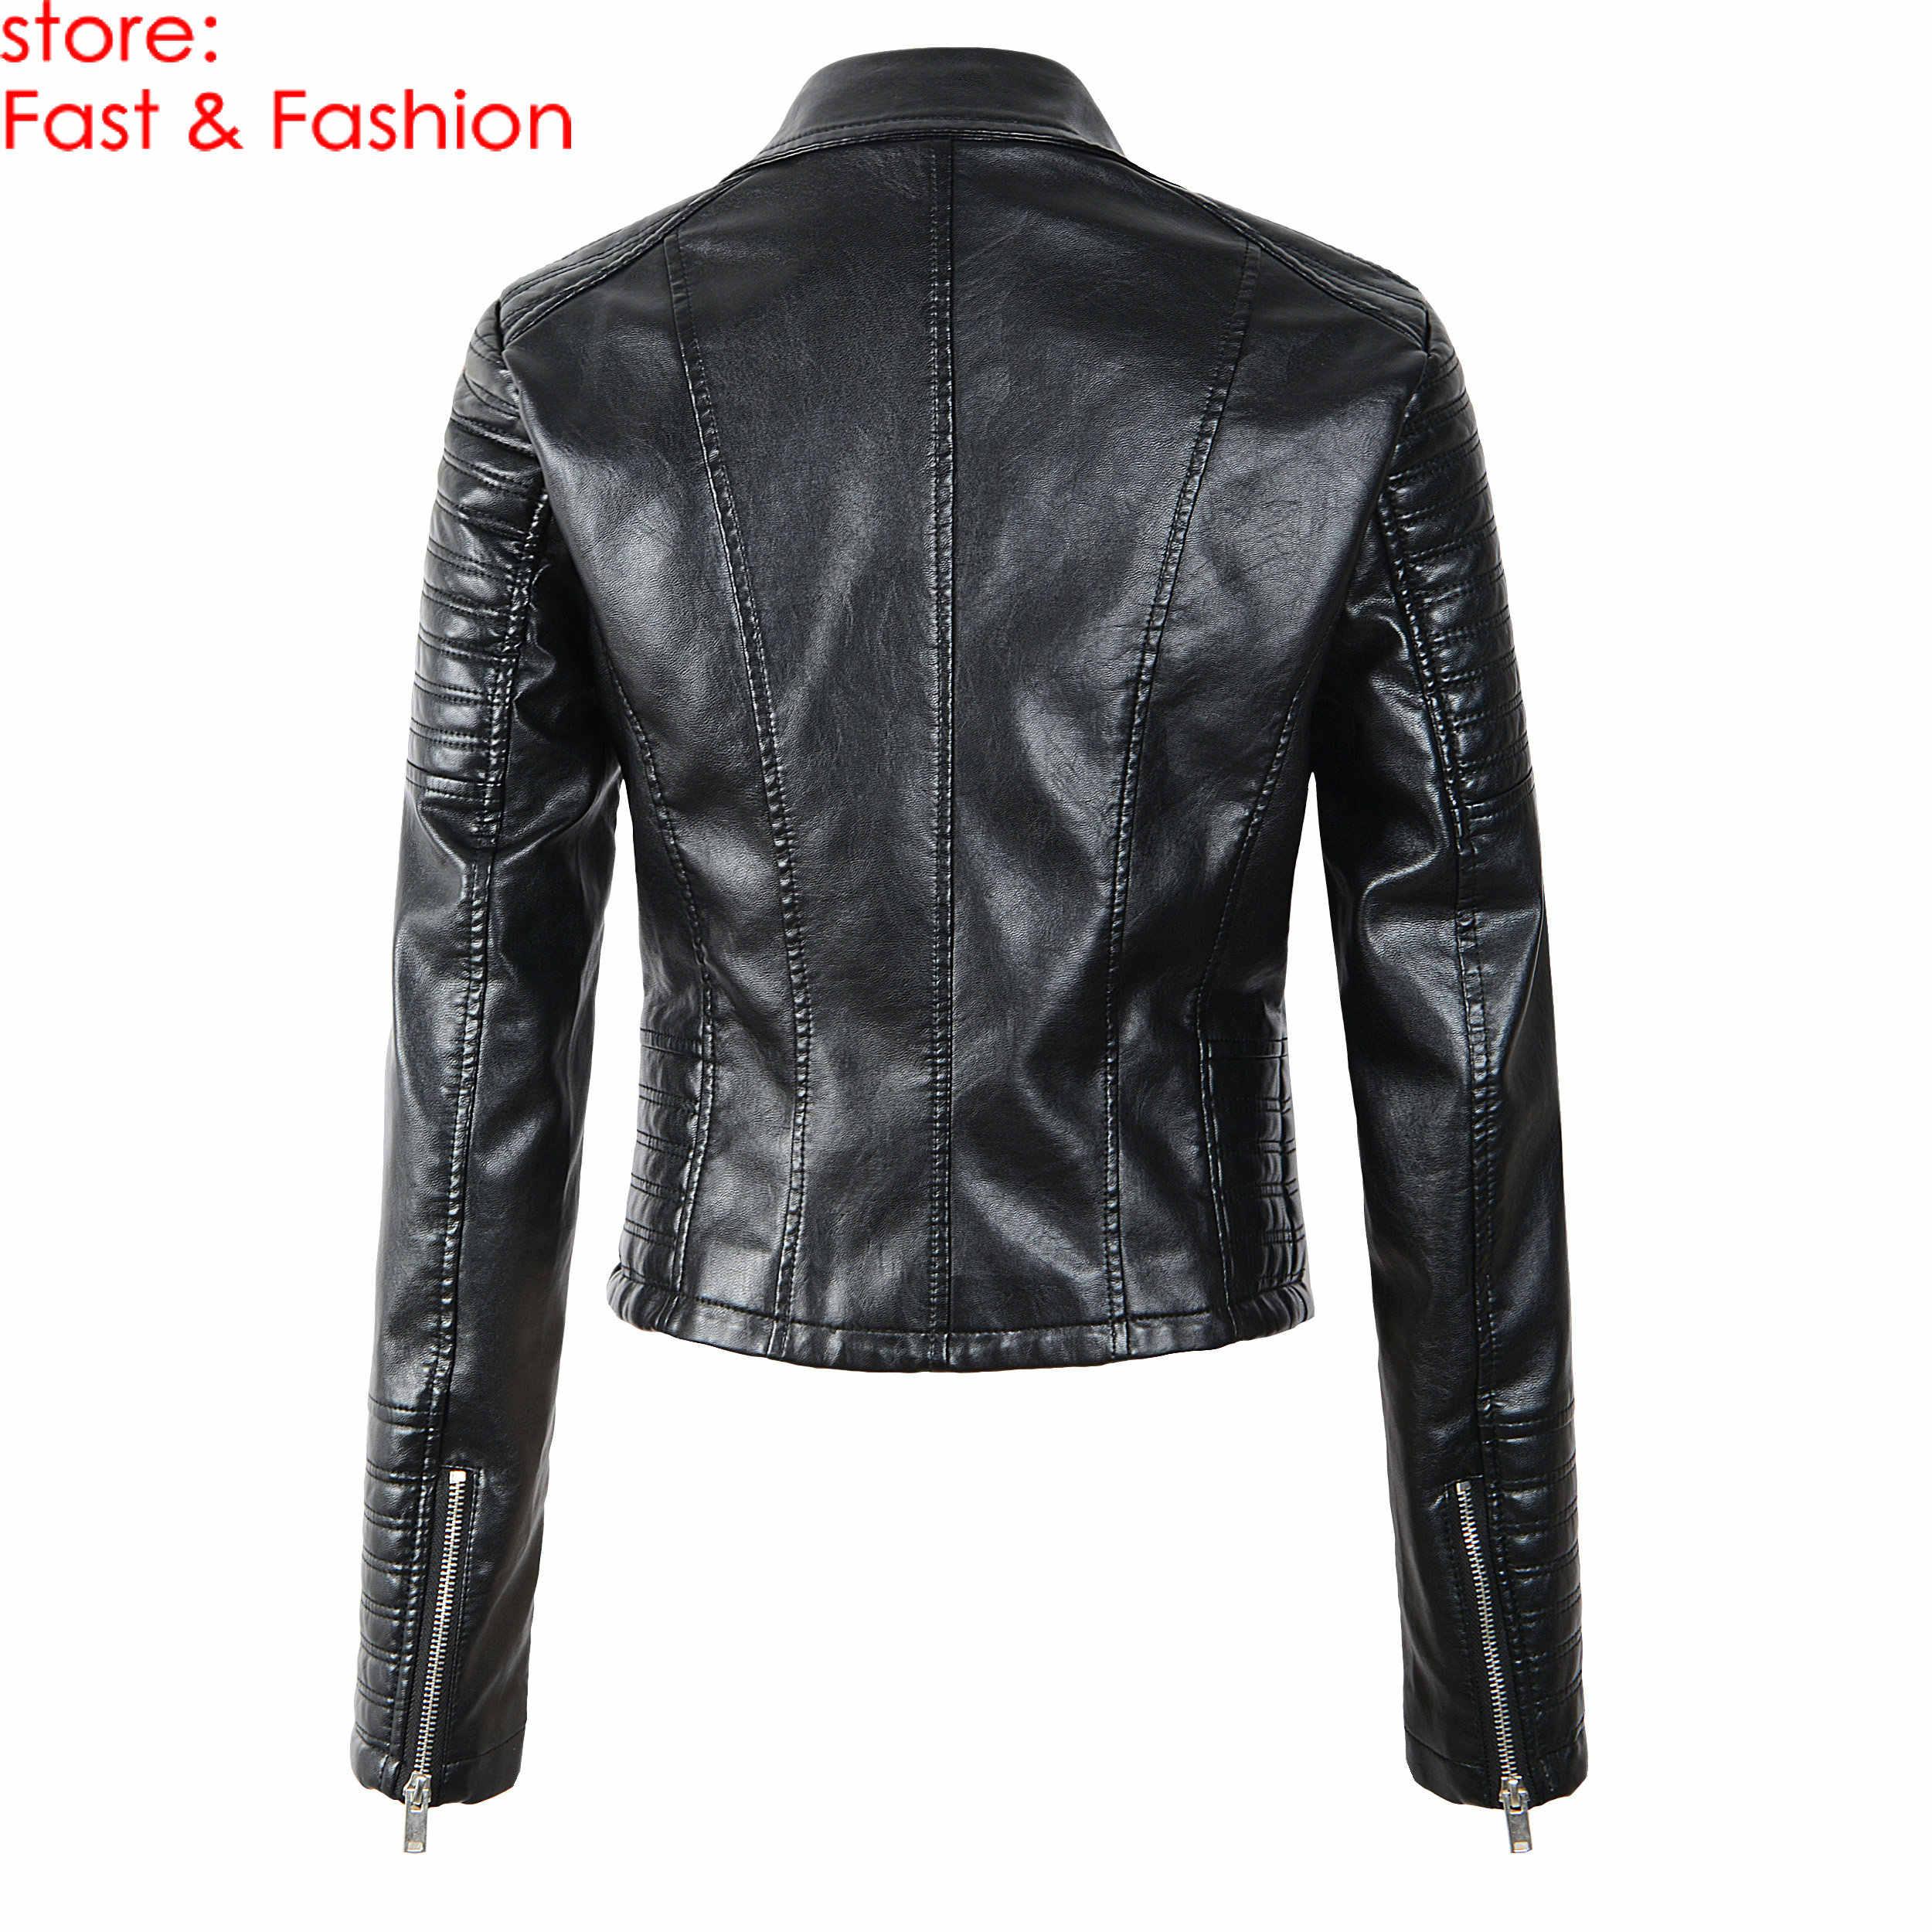 2019 nowych moda kobiet gładkie motocyklowe Faux skórzane kurtki damskie z długim rękawem jesień zima Biker Streetwear czarna kurtka